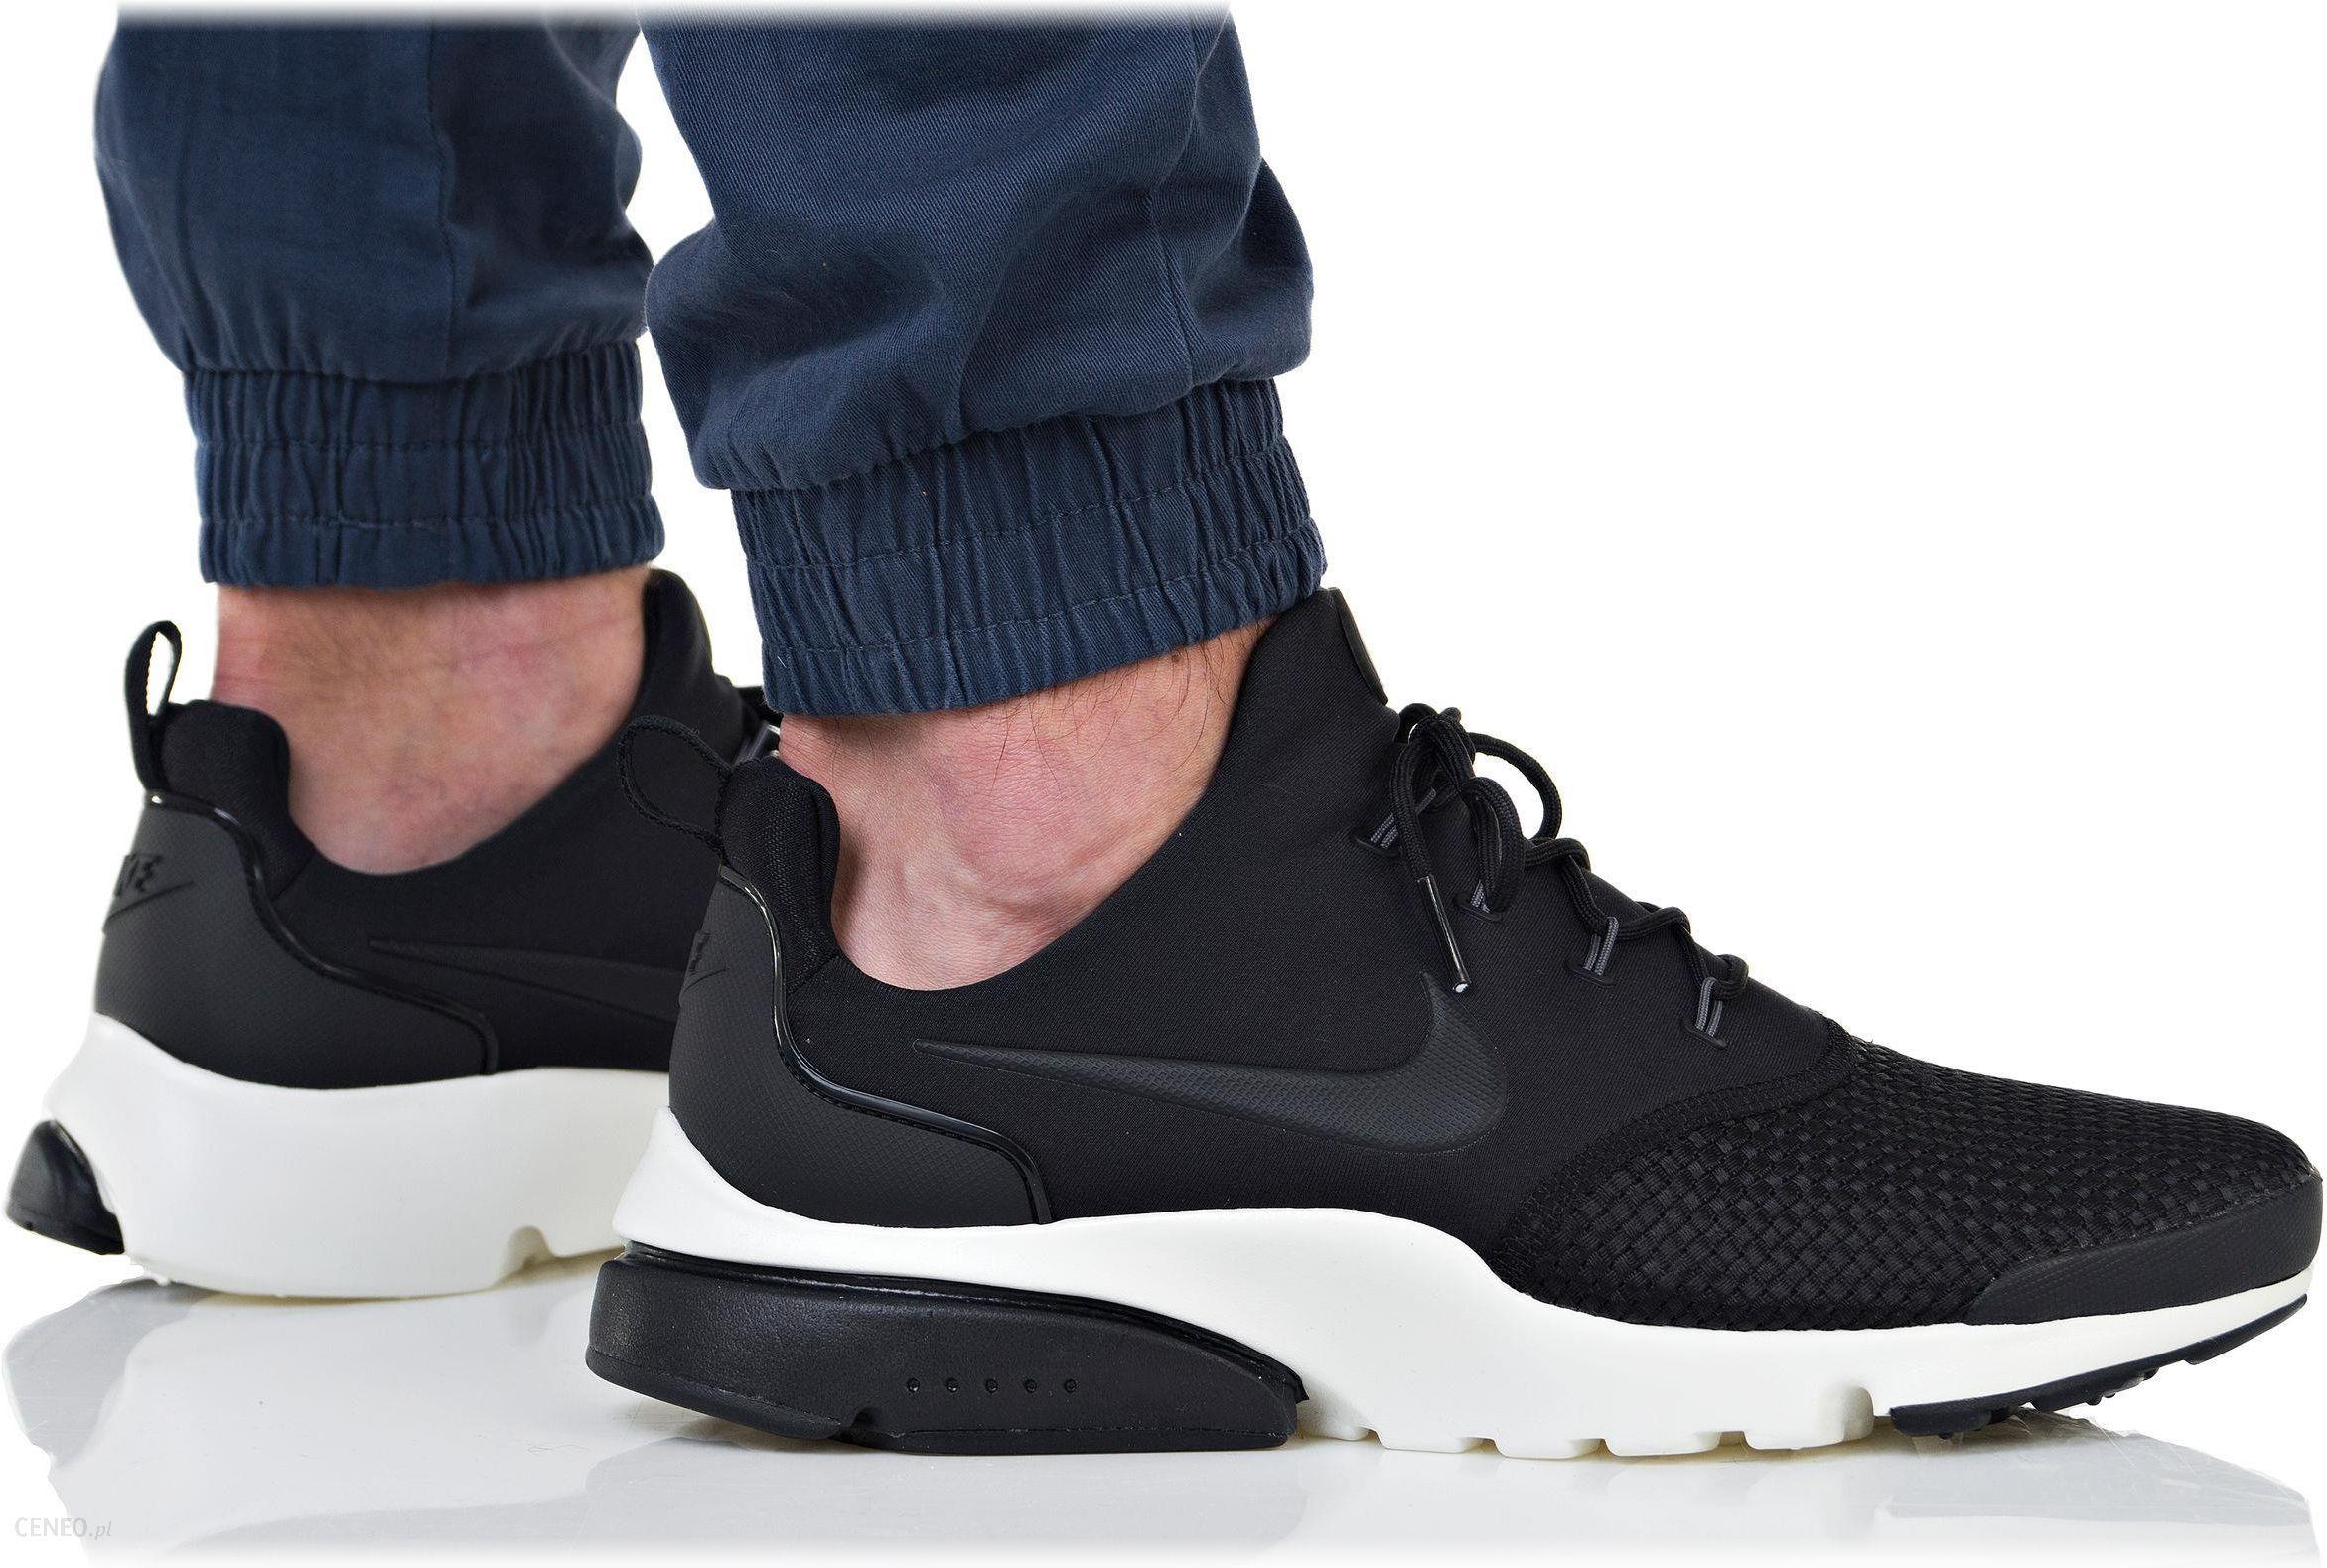 Nike Buty męskie Nike Presto Fly Brązowy Ceny i opinie Ceneo.pl